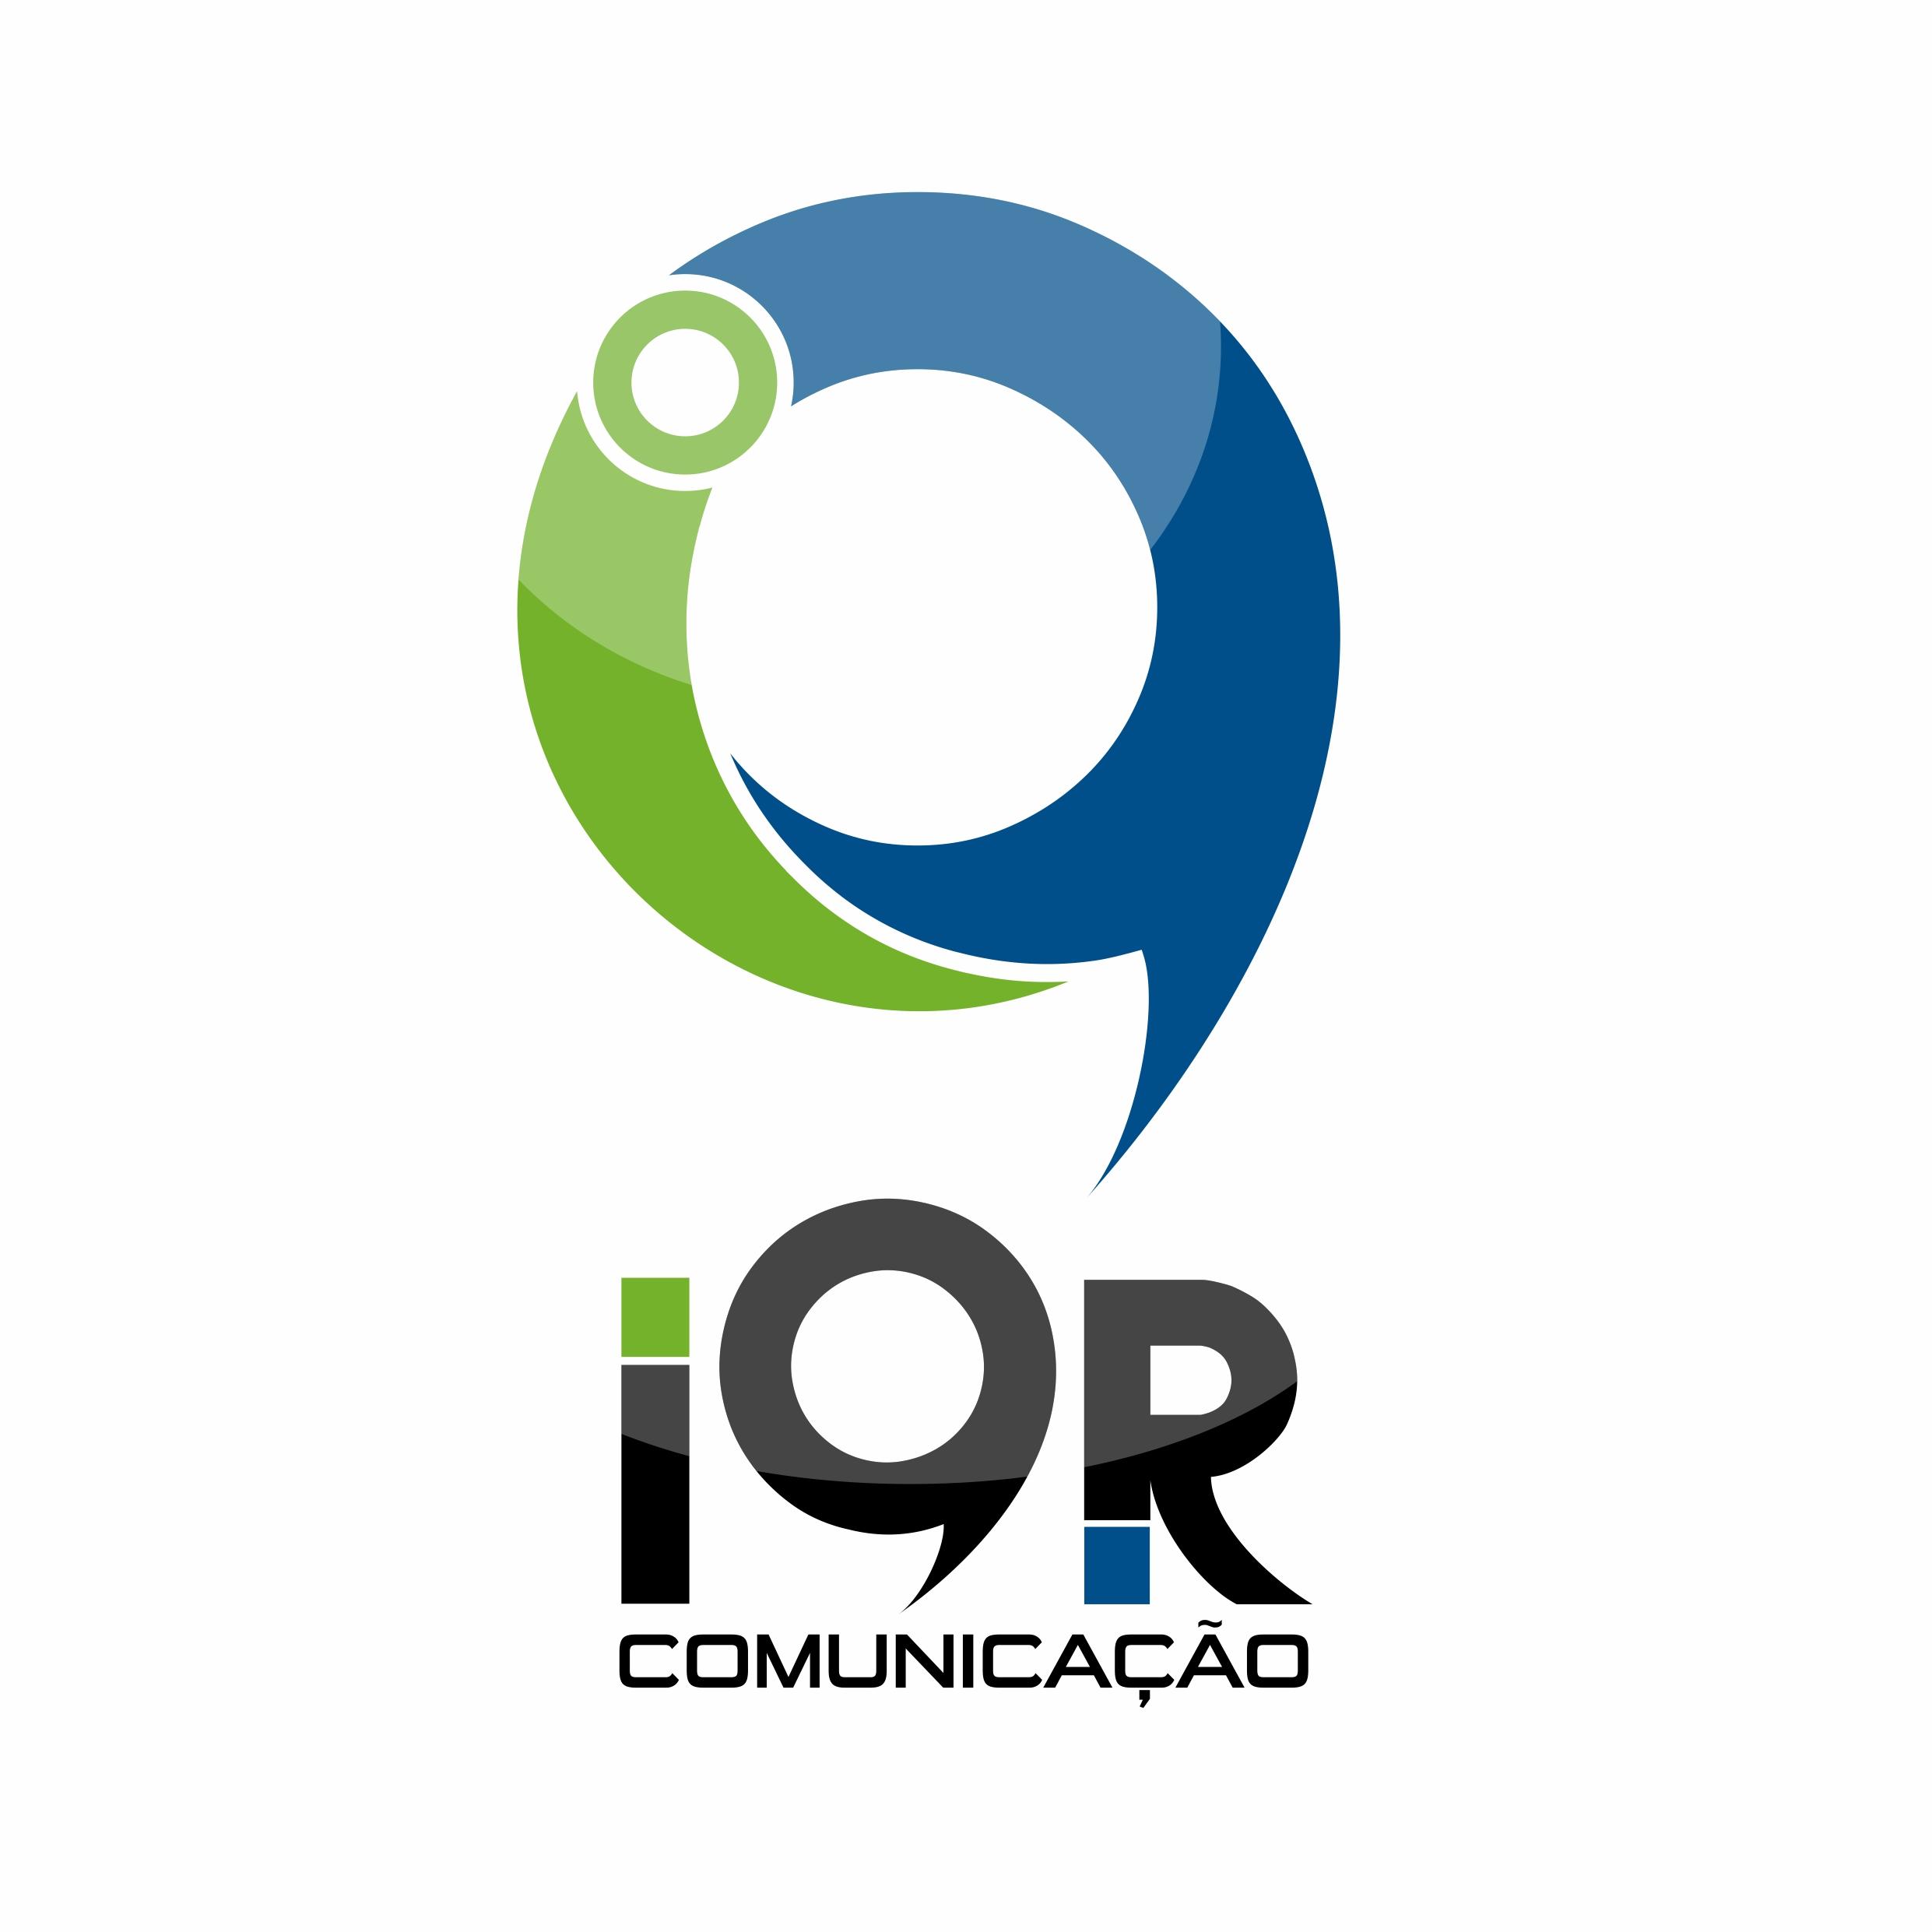 (c) I9r.com.br